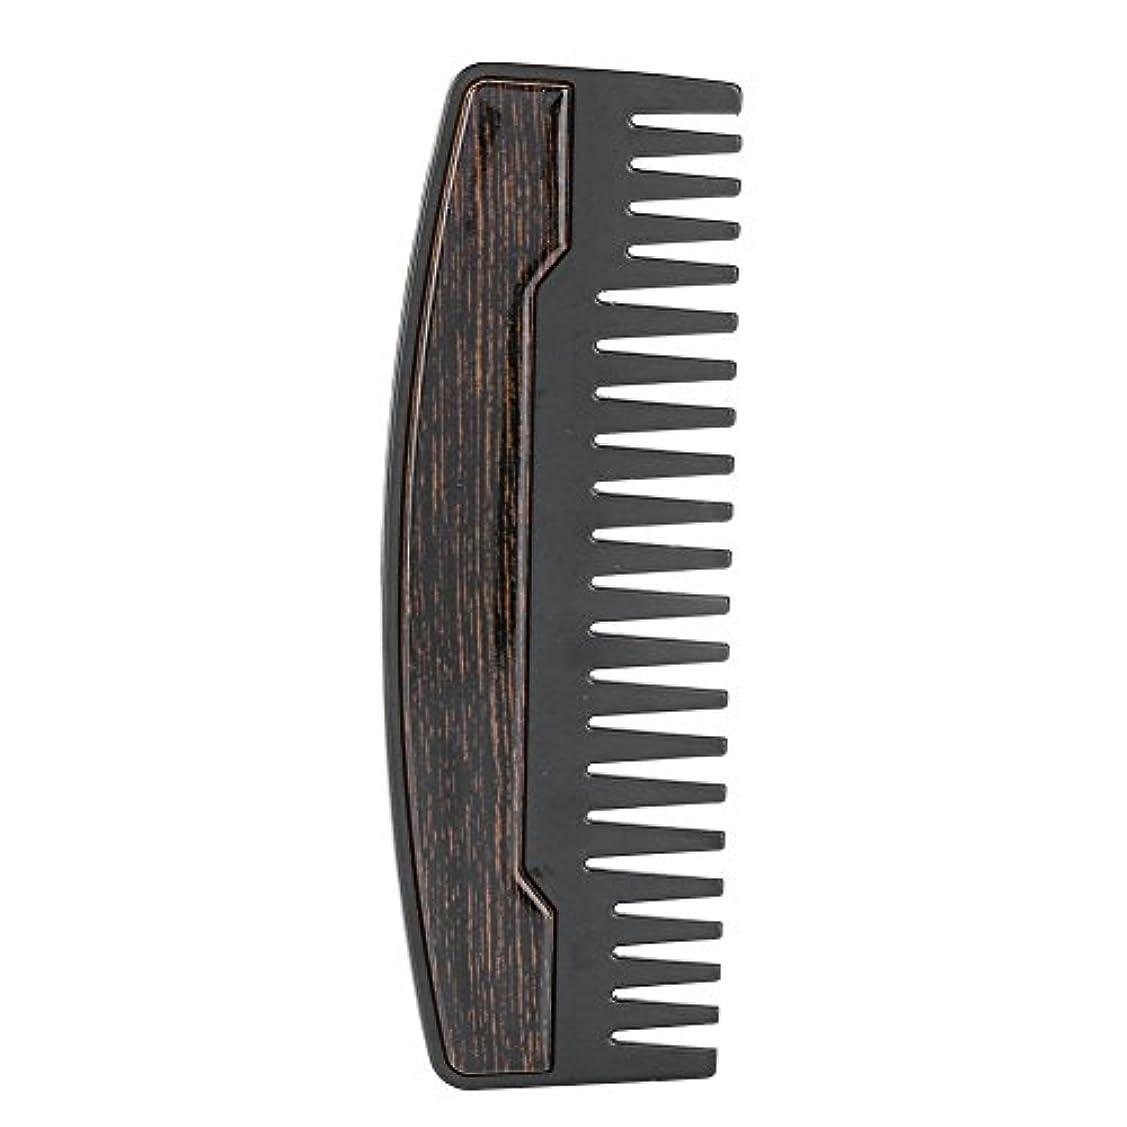 モンク実り多いだますOchun コーム 櫛 ステンレス製 粗目 髪/髭用メンズ 耐用 静電気を防止 持ち運びに便利 高級感 ブラック木目 2タイプ選択可能 洗面用具(木目)